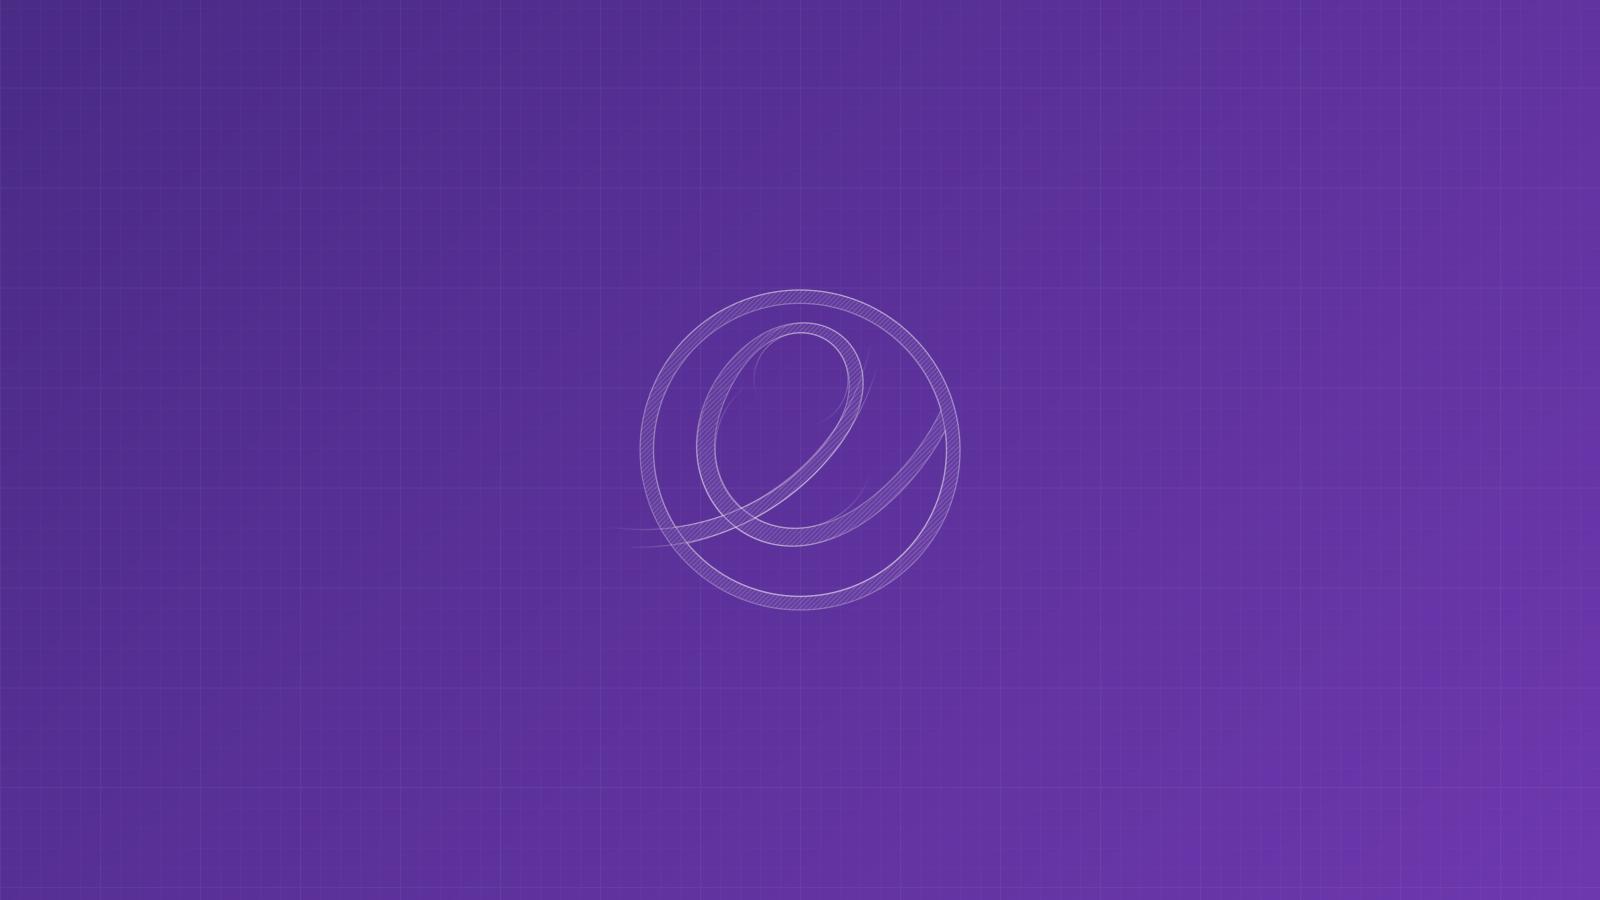 翻译 - 来聊聊 elementary OS 6